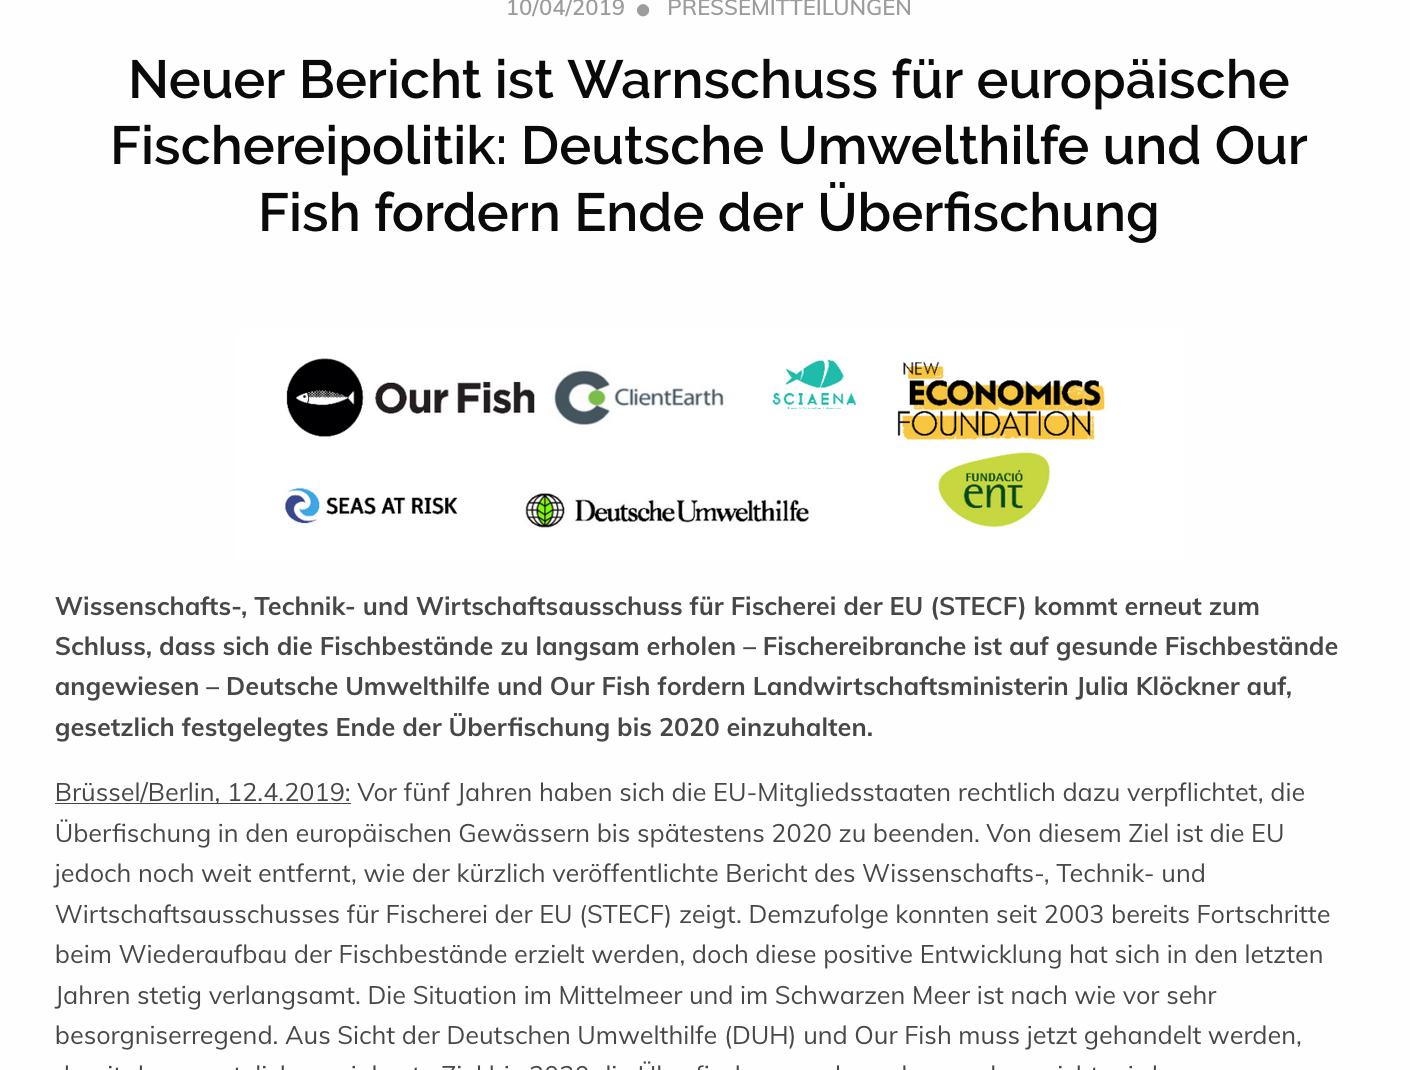 Neuer Bericht ist Warnschuss für europäische Fischereipolitik: Deutsche Umwelthilfe und Our Fish fordern Ende der Überfischung